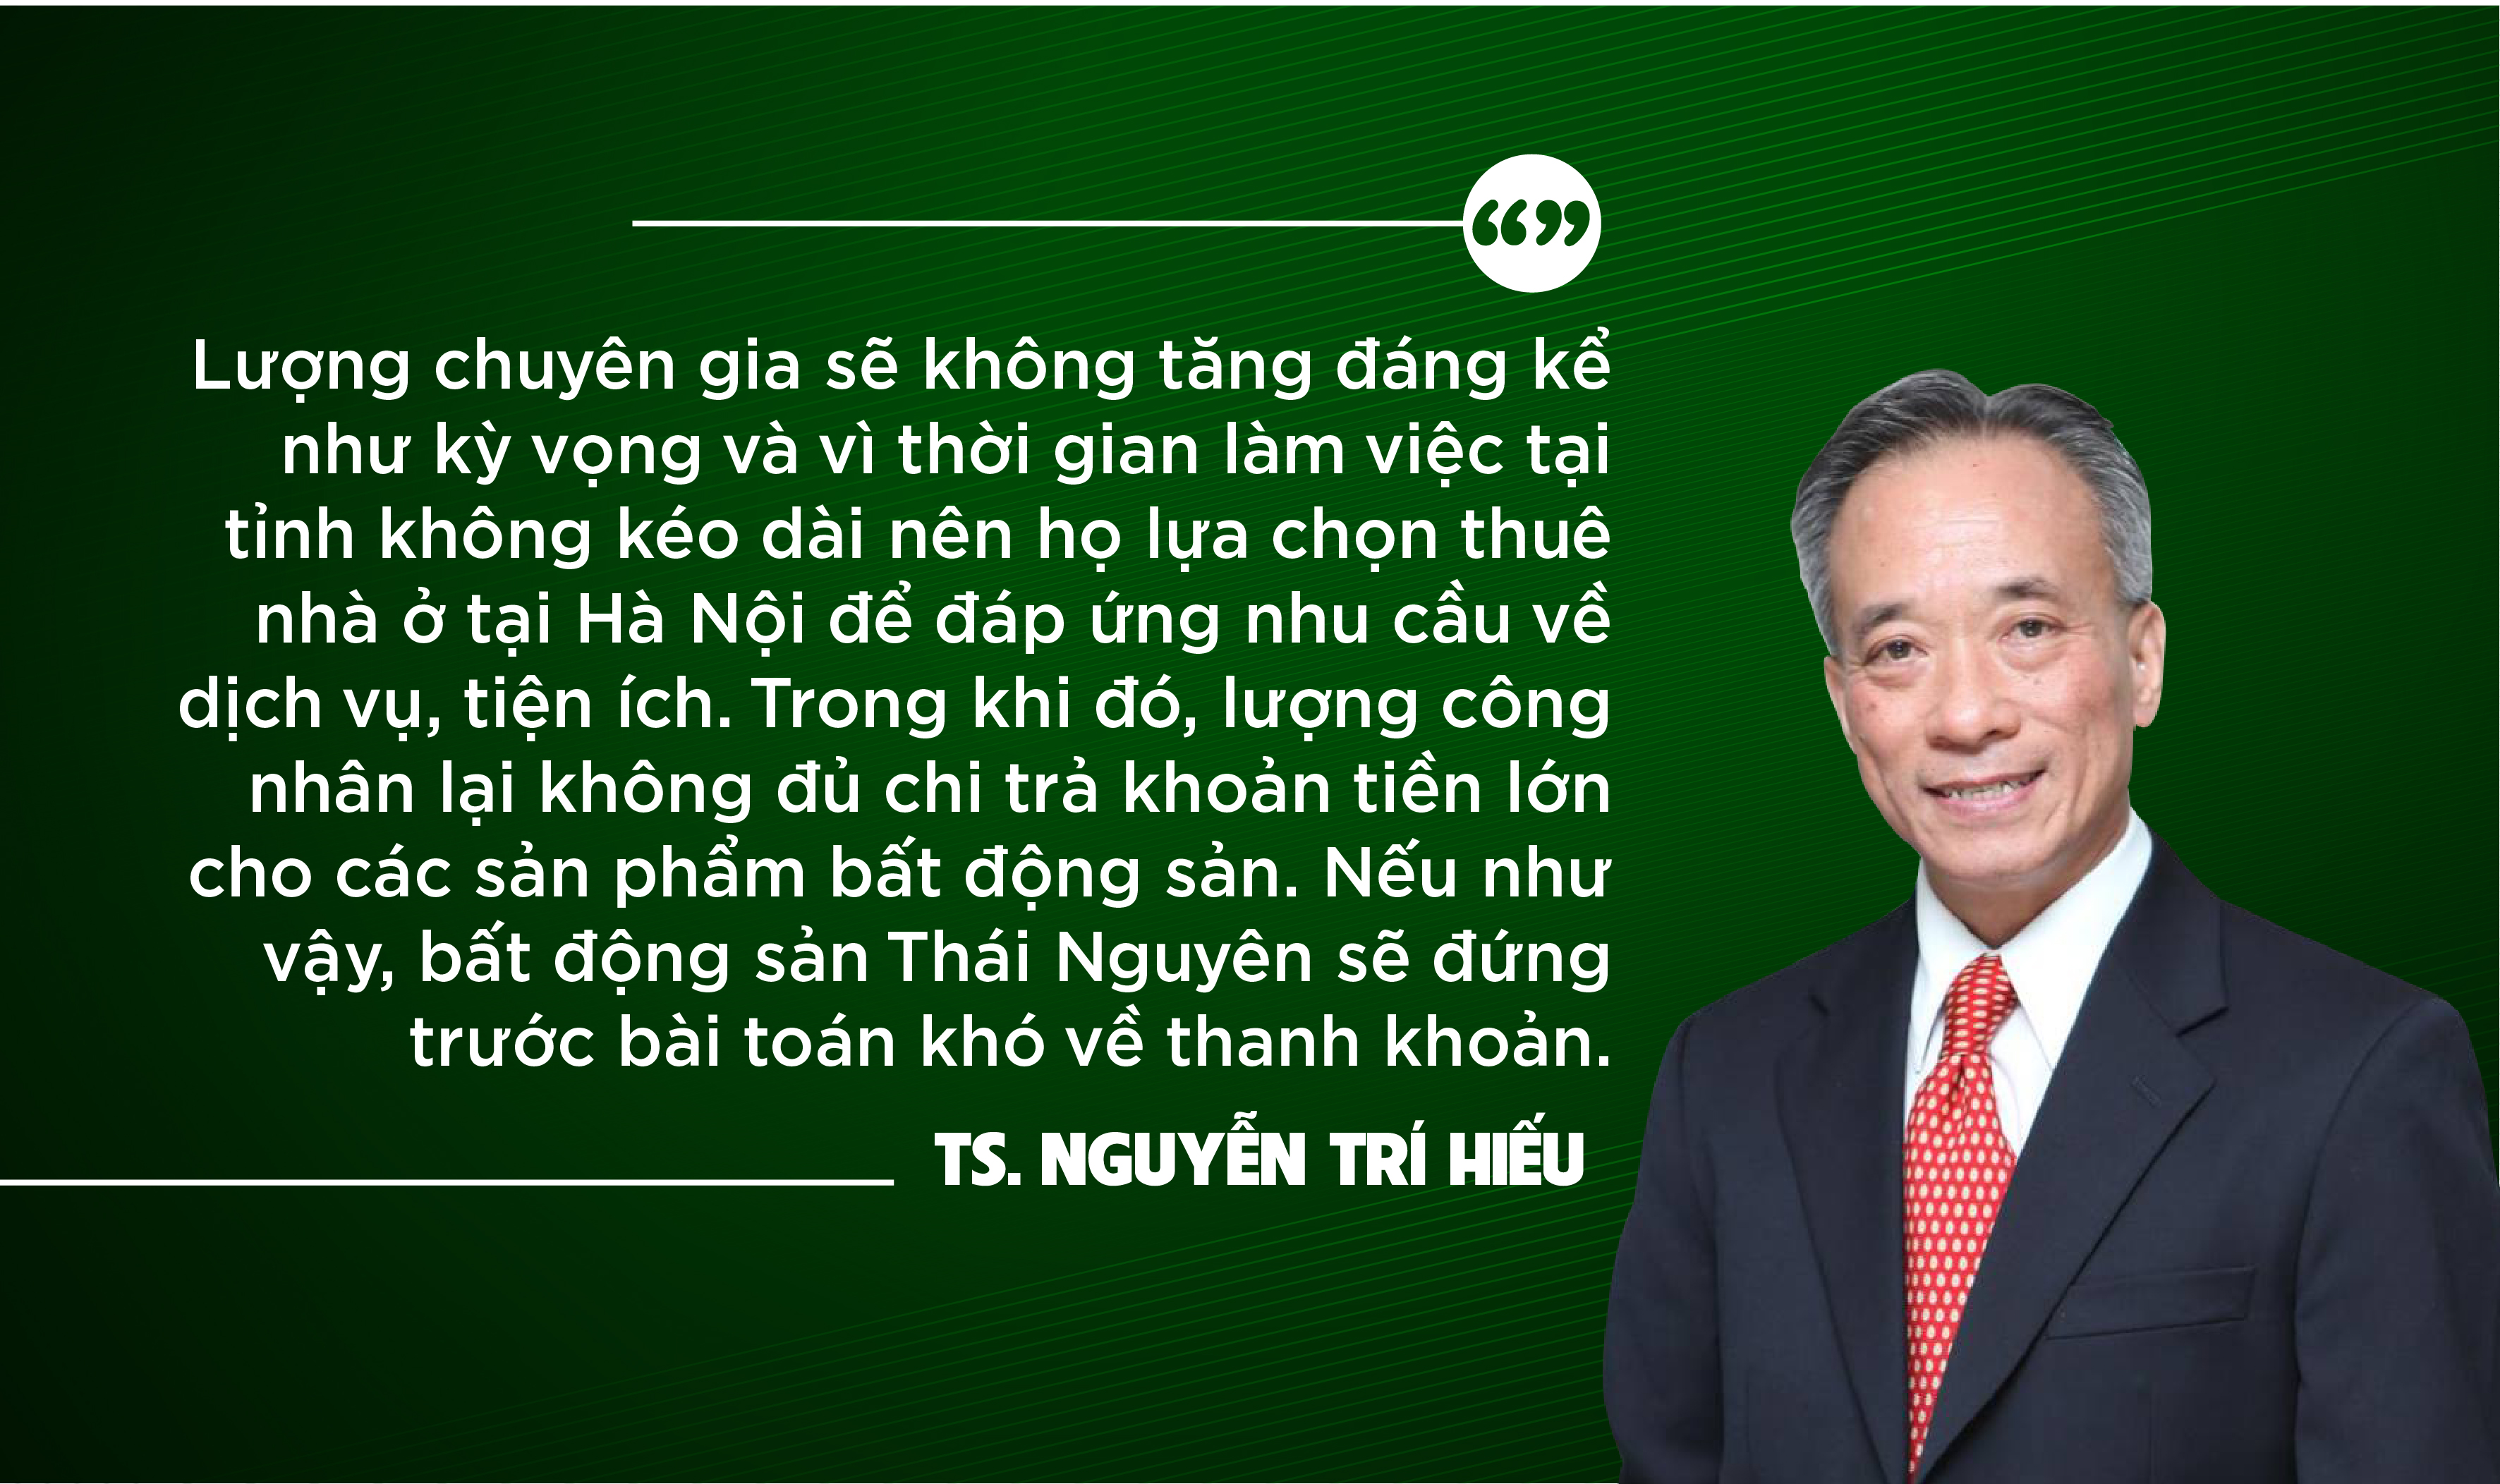 Ts. Nguyen Tri Hieu